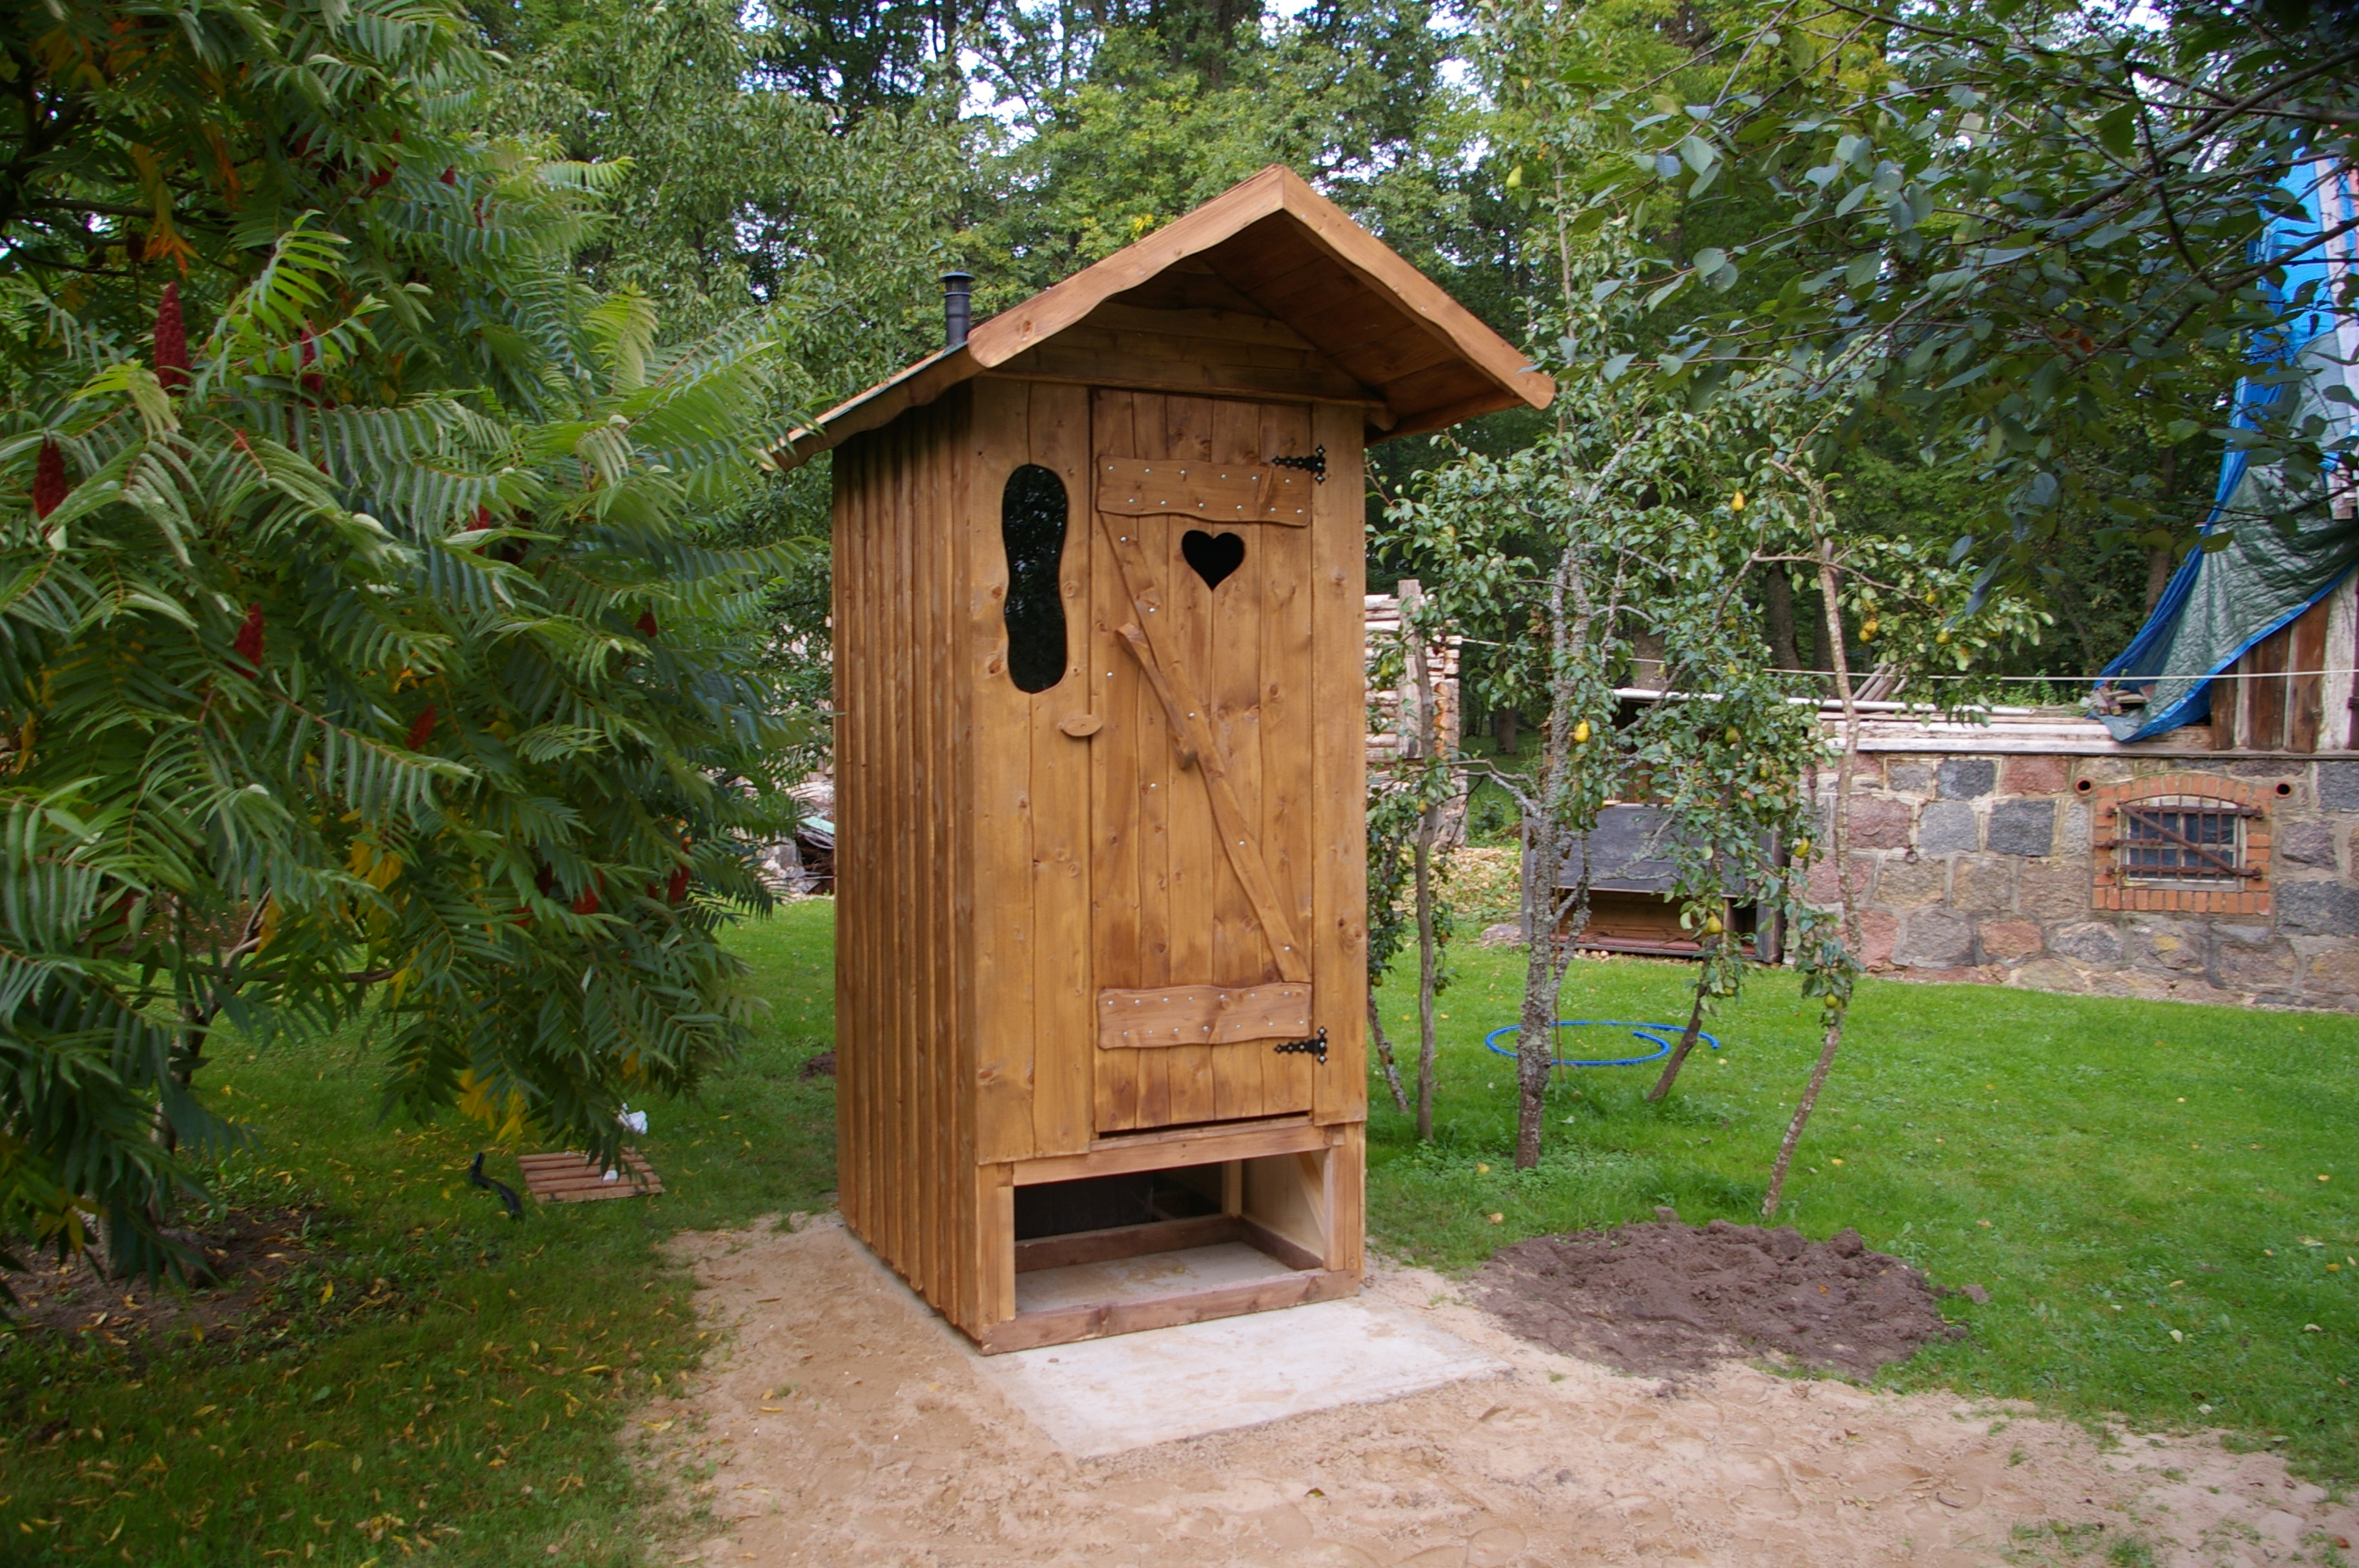 Как сделать туалет на даче своими руками: чертежи, размеры 70